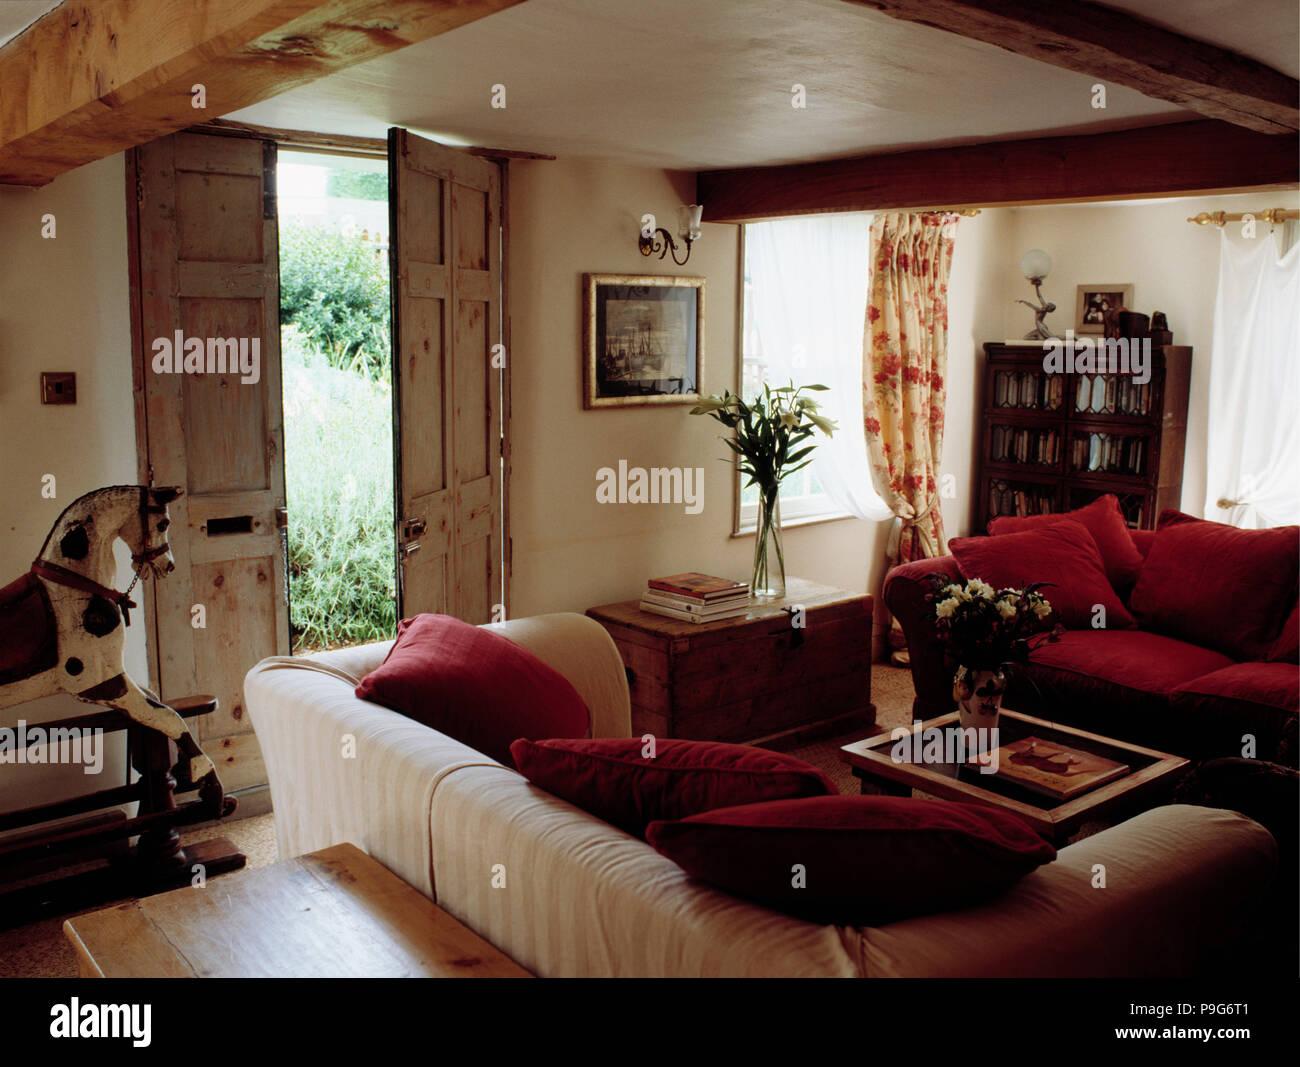 Rotes Sofa In Ferienhaus Wohnzimmer Mit Roten Kissen An Den Cremefarbenen Sofa Neben Doppel Kiefer Turen Zum Garten Stockfotografie Alamy